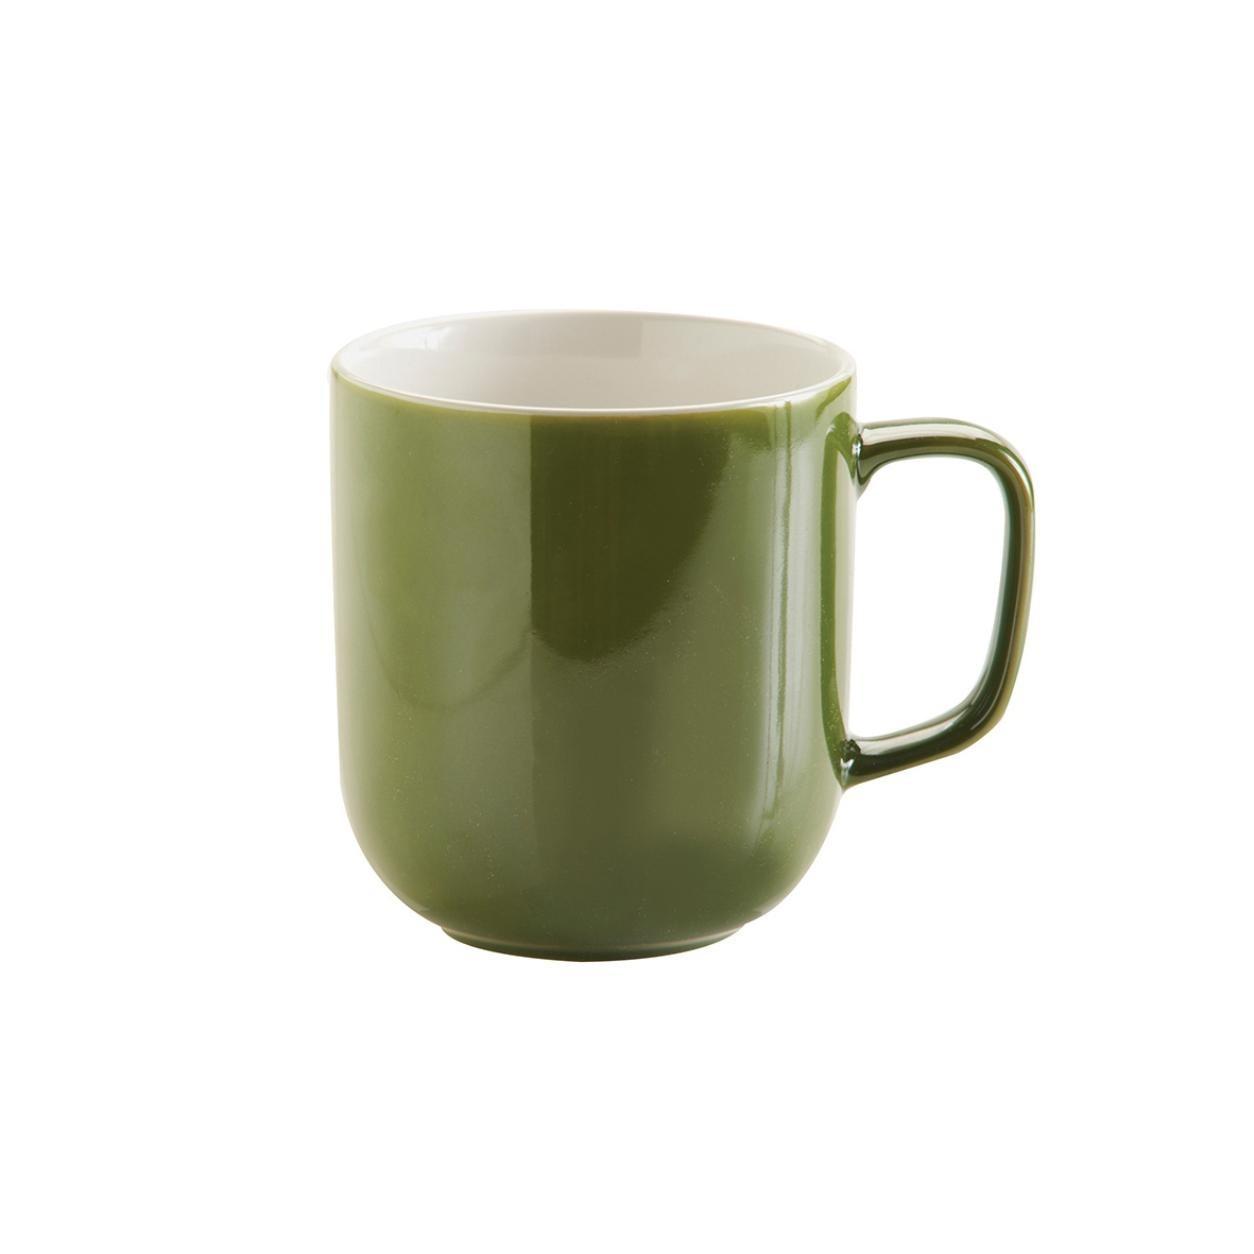 Κούπα Olive Green Price & Kensington home   ειδη cafe τσαϊ   κούπες   φλυτζάνια